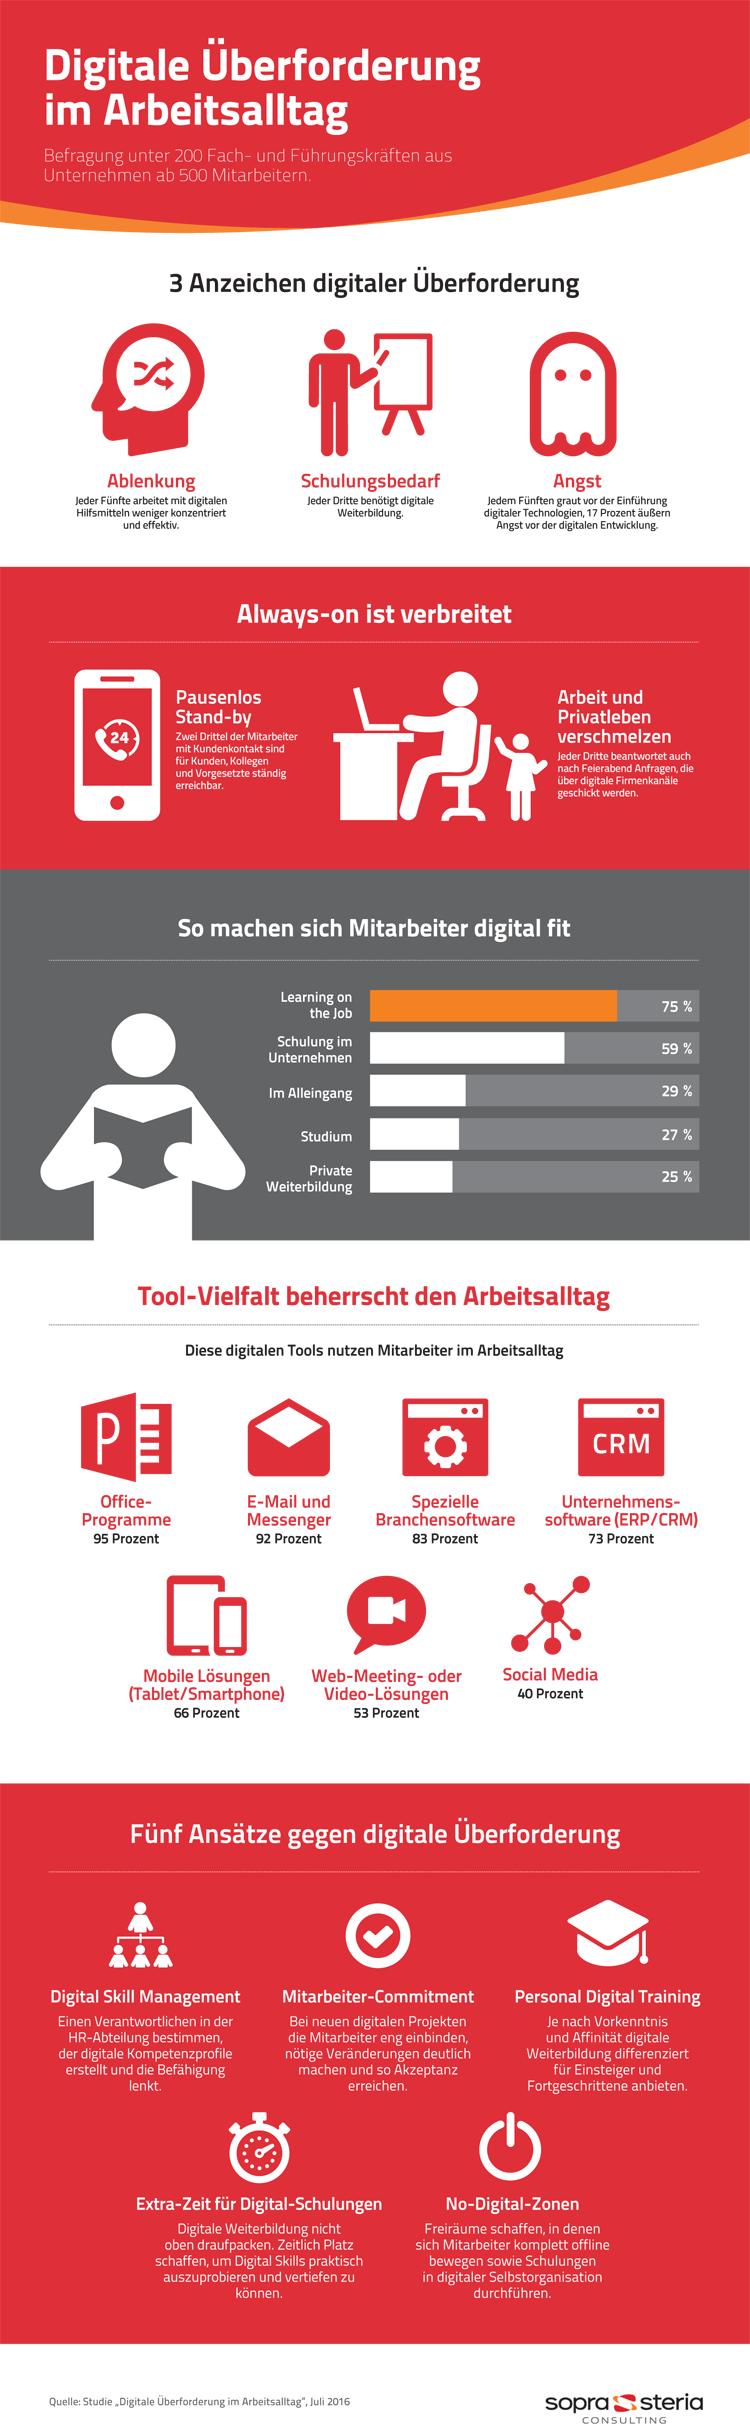 Digitale Überforderung in der Arbeit Arbeitsalltag – Infografik